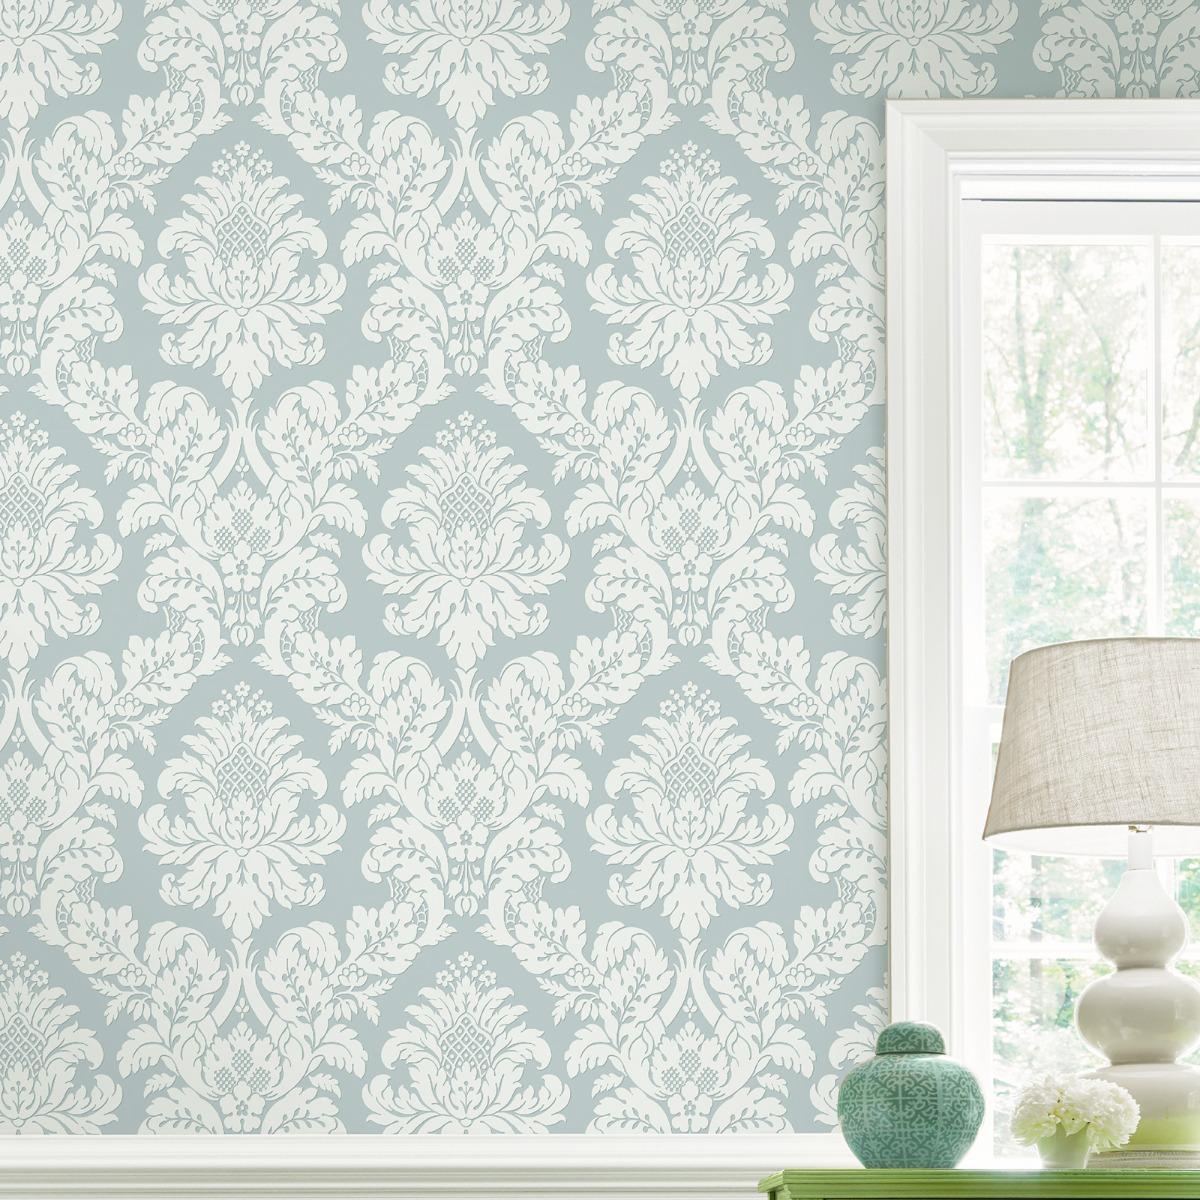 Glitter Damask Wallpaper Teal / White Pear Tree